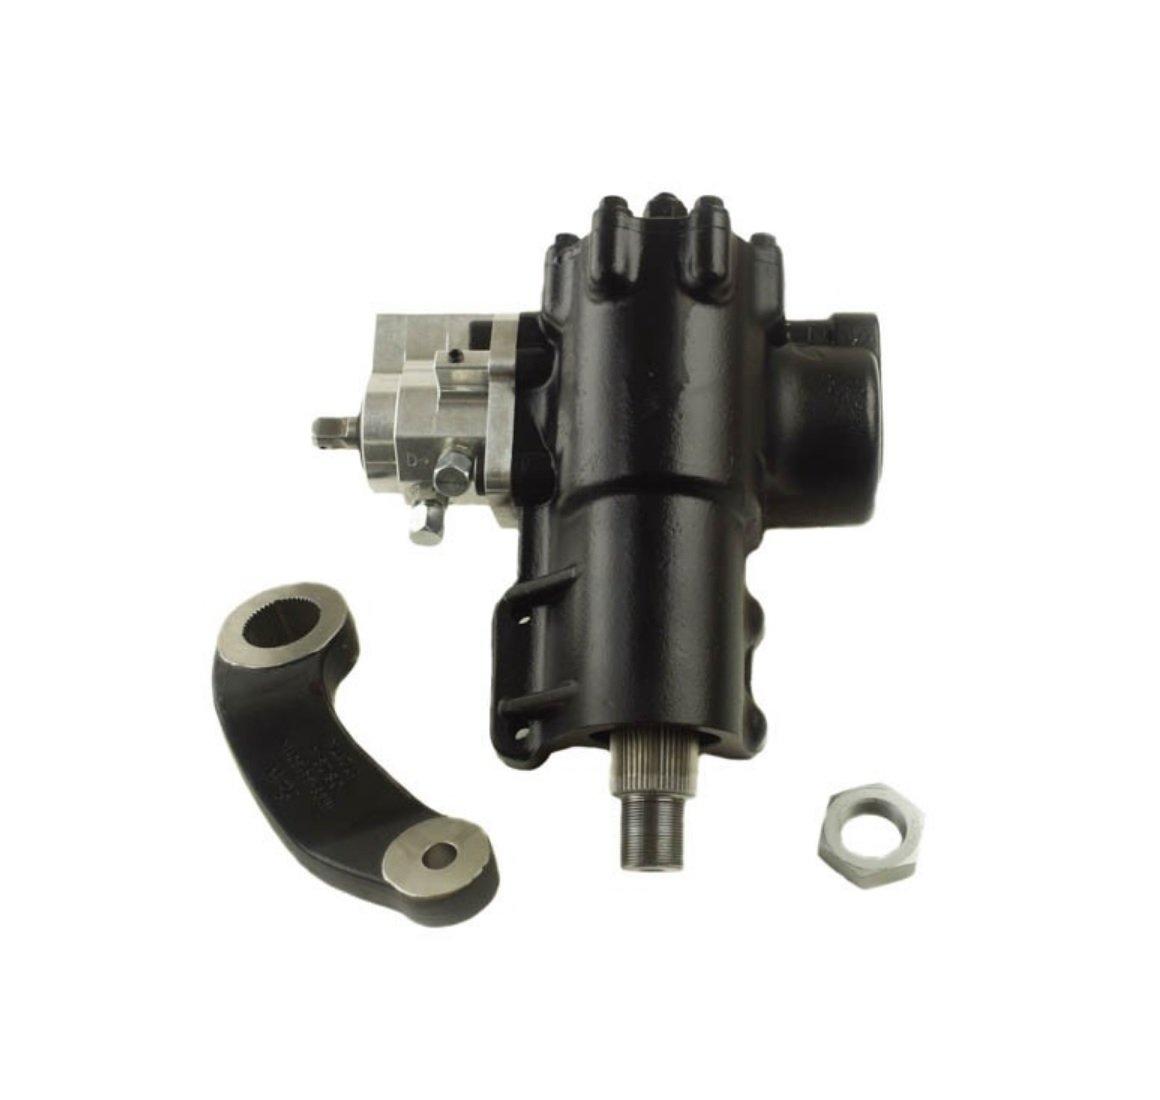 PSC Motorsports SG688R BIG BORE XDR Cylinder Assist Steering Gear for 07-17 Jeep Wrangler JK by PSC Motorsports